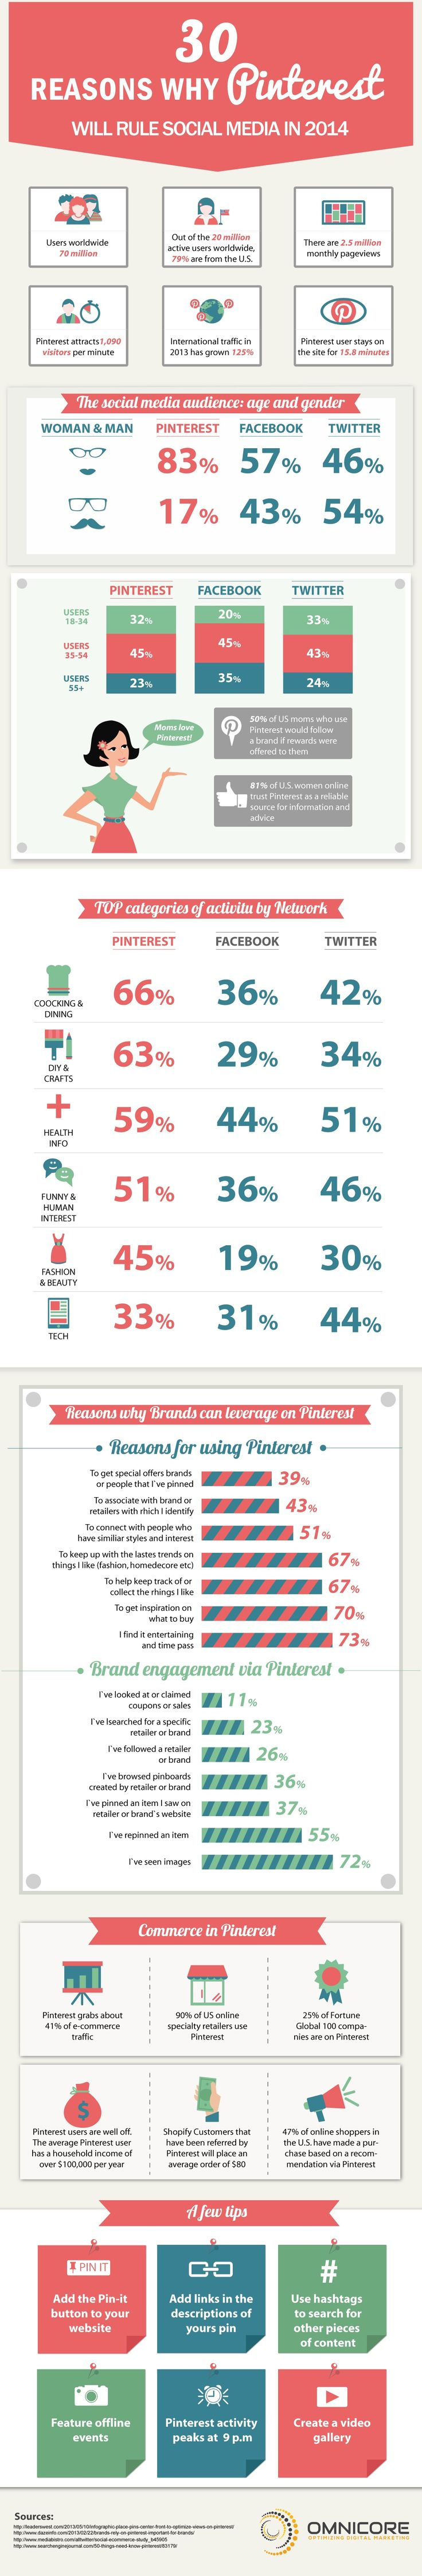 30 Reasons Why #Pinterest Will Rule Social Media in 2014 #pinterestparaempresas #pinterestmarketing #pinterestforbusiness